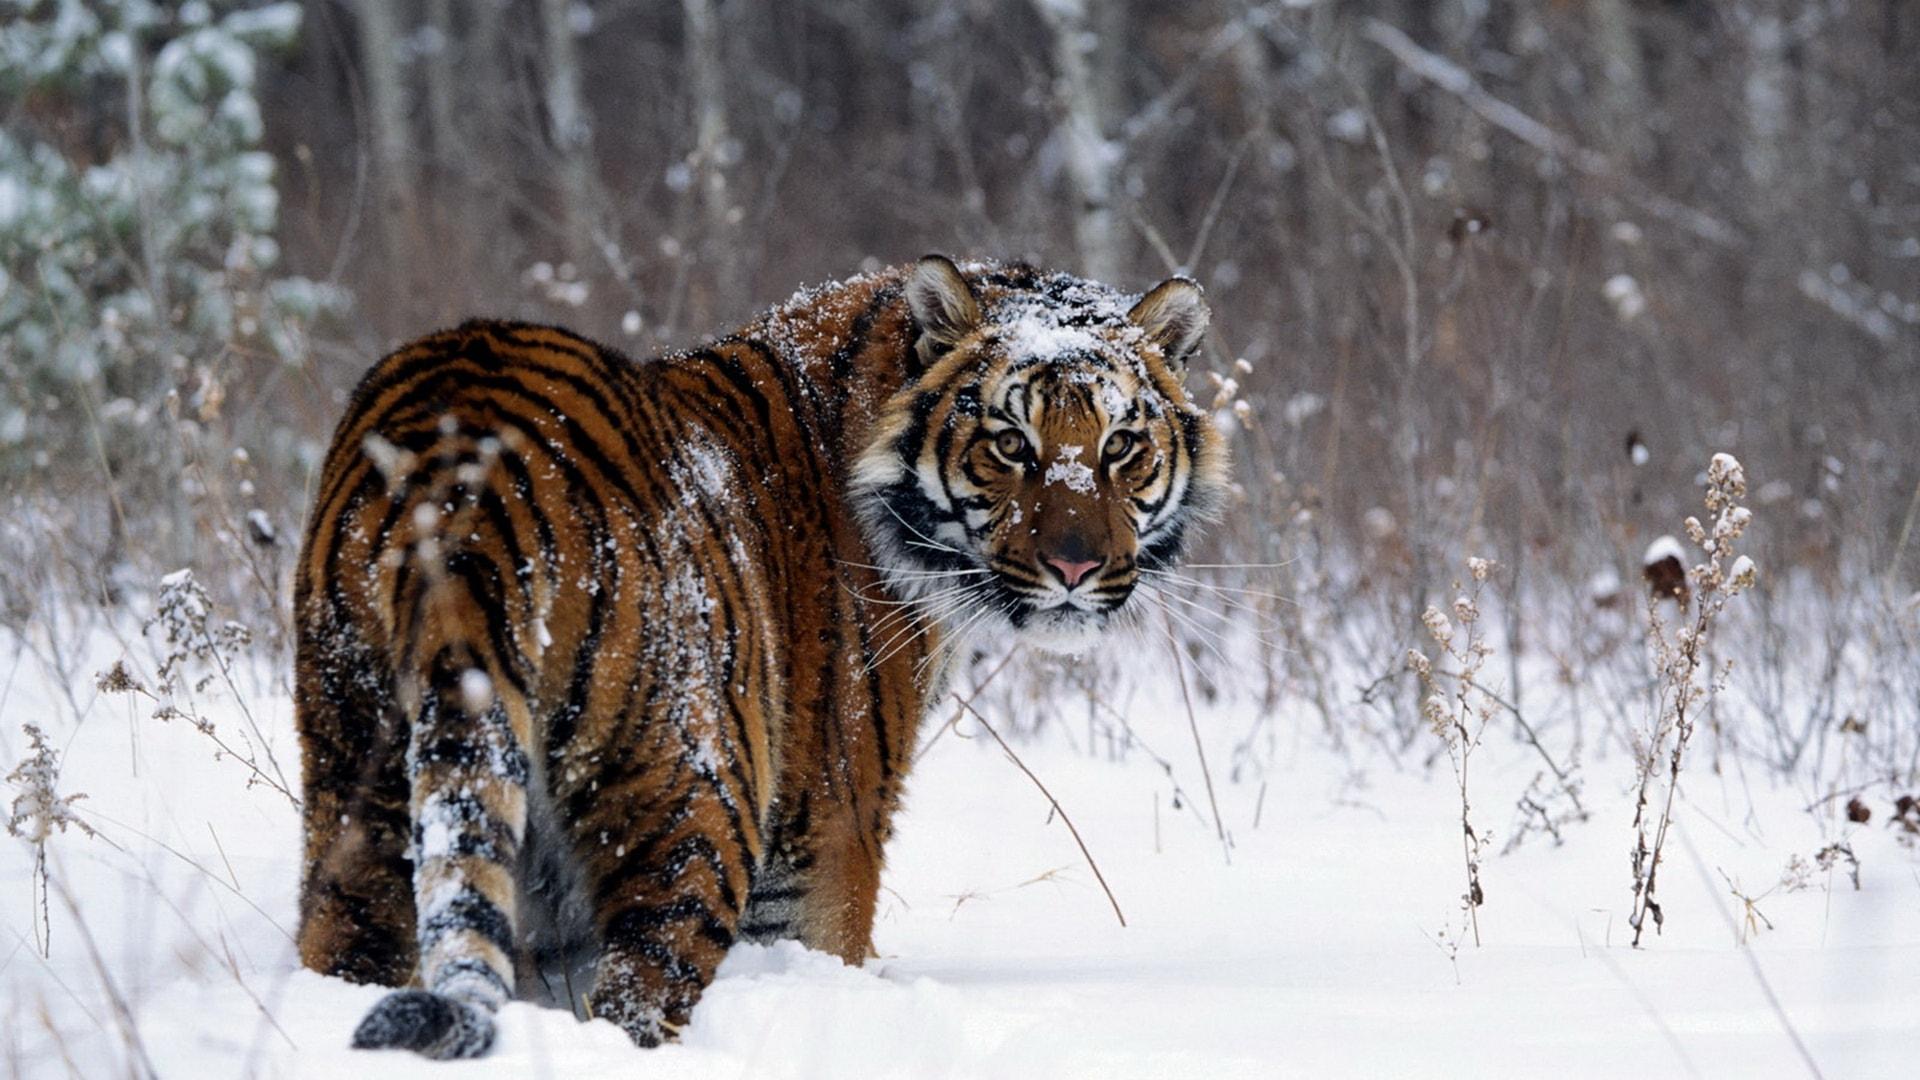 Tiger Free Desktop Wallpapers